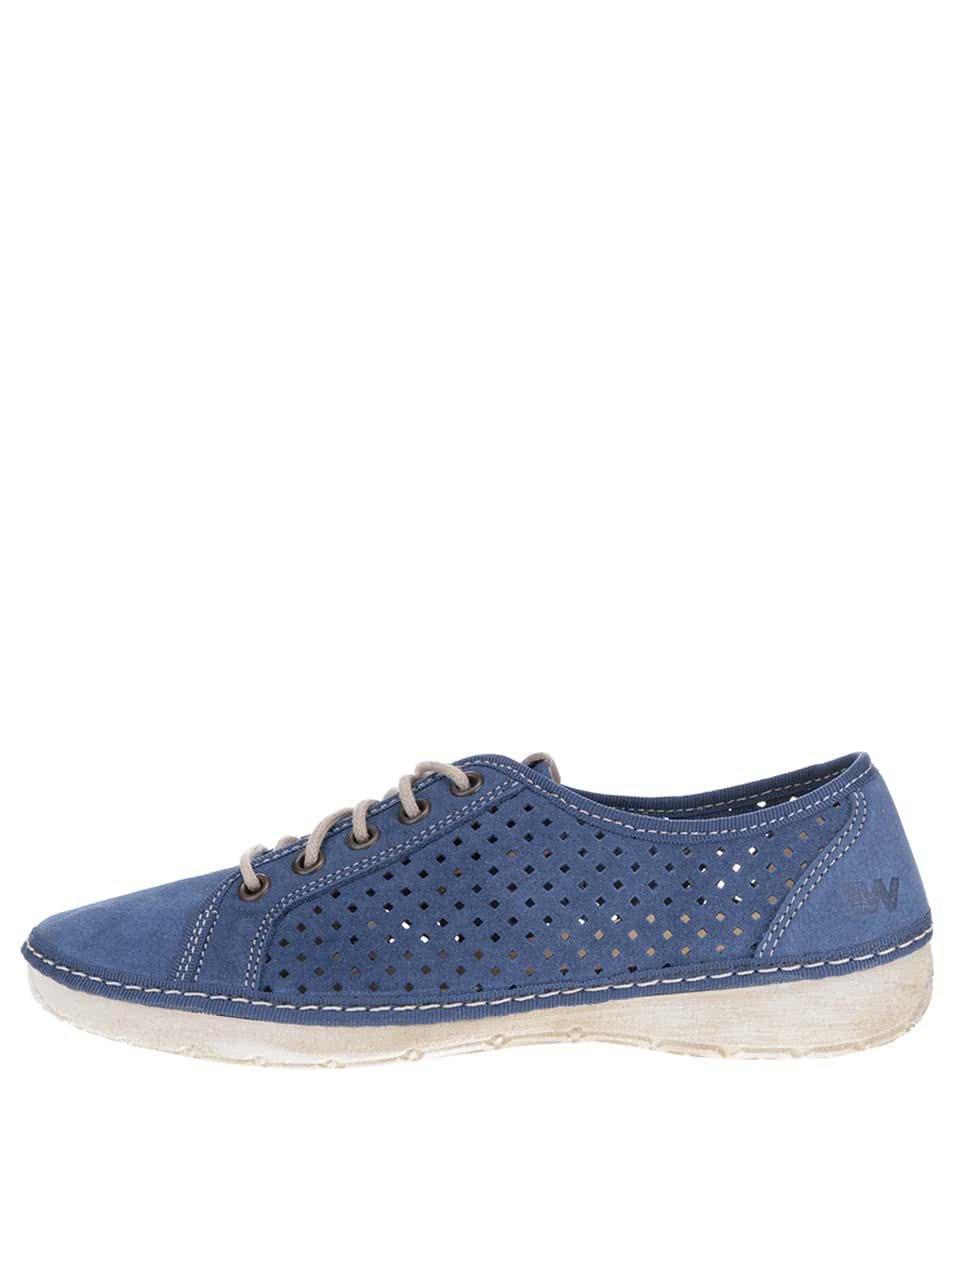 Tmavě modré dámské kožené perforované tenisky Weinbrenner ... 399dab5571